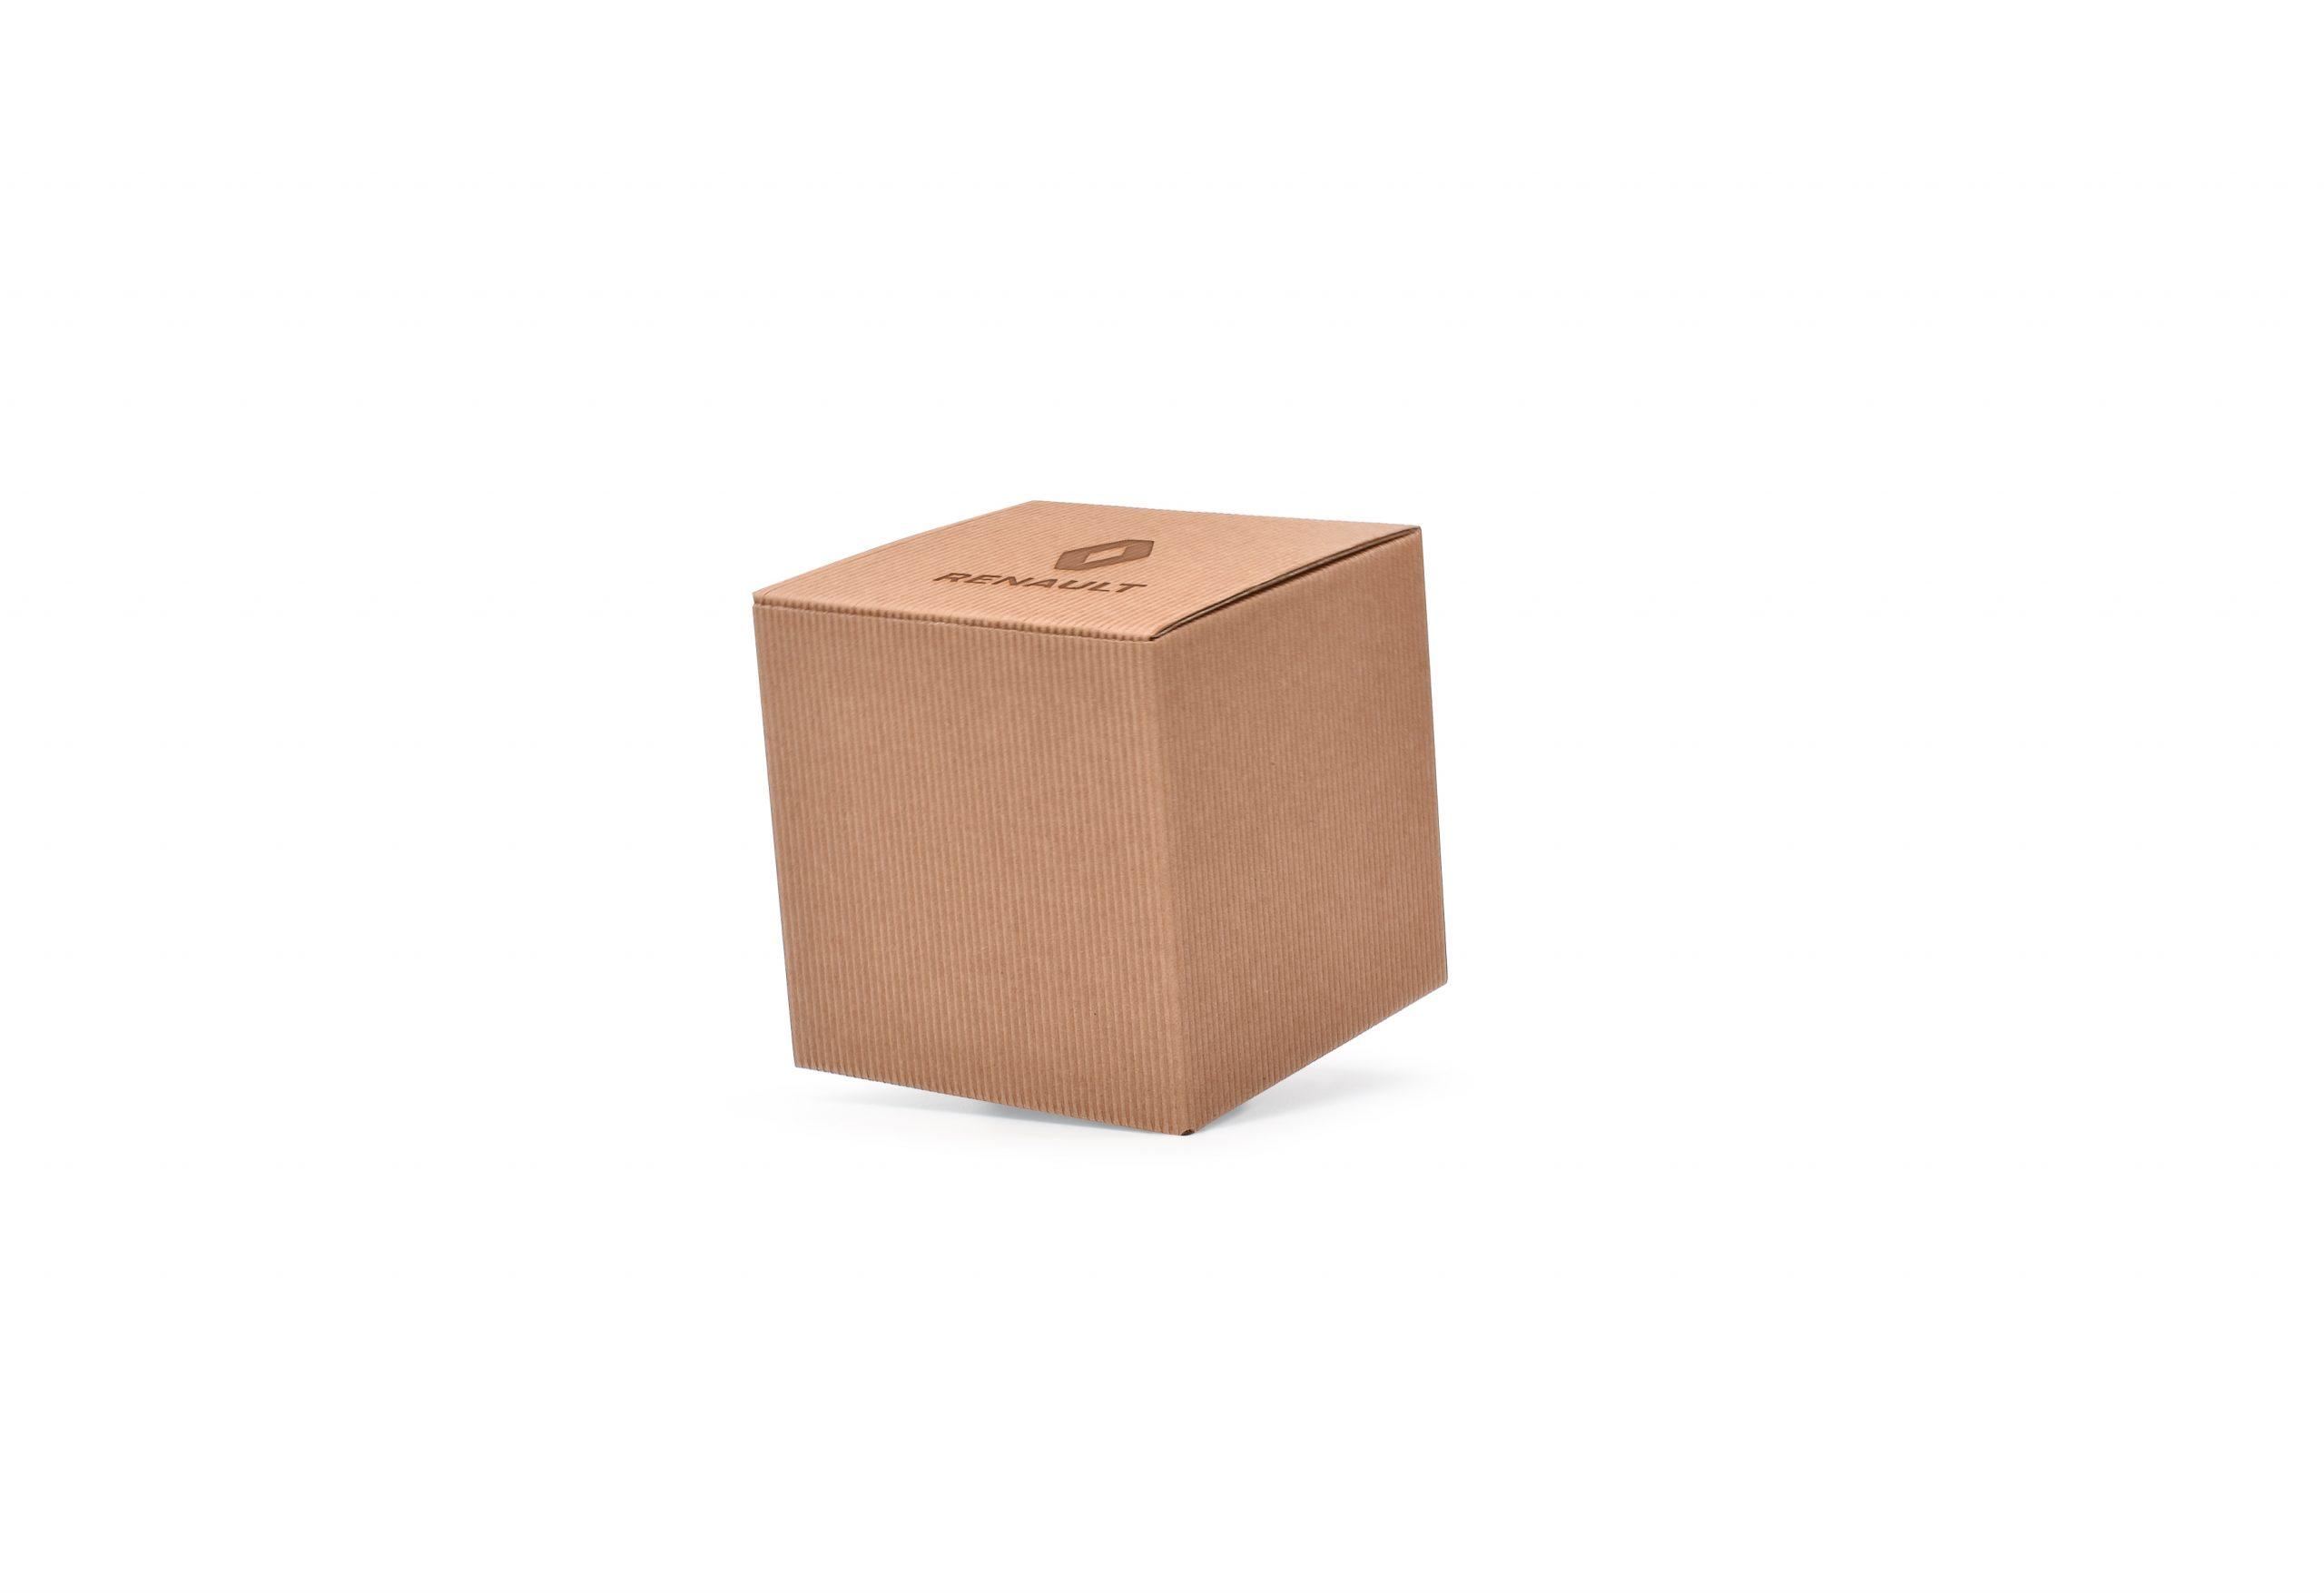 Renault_caixa_cartão